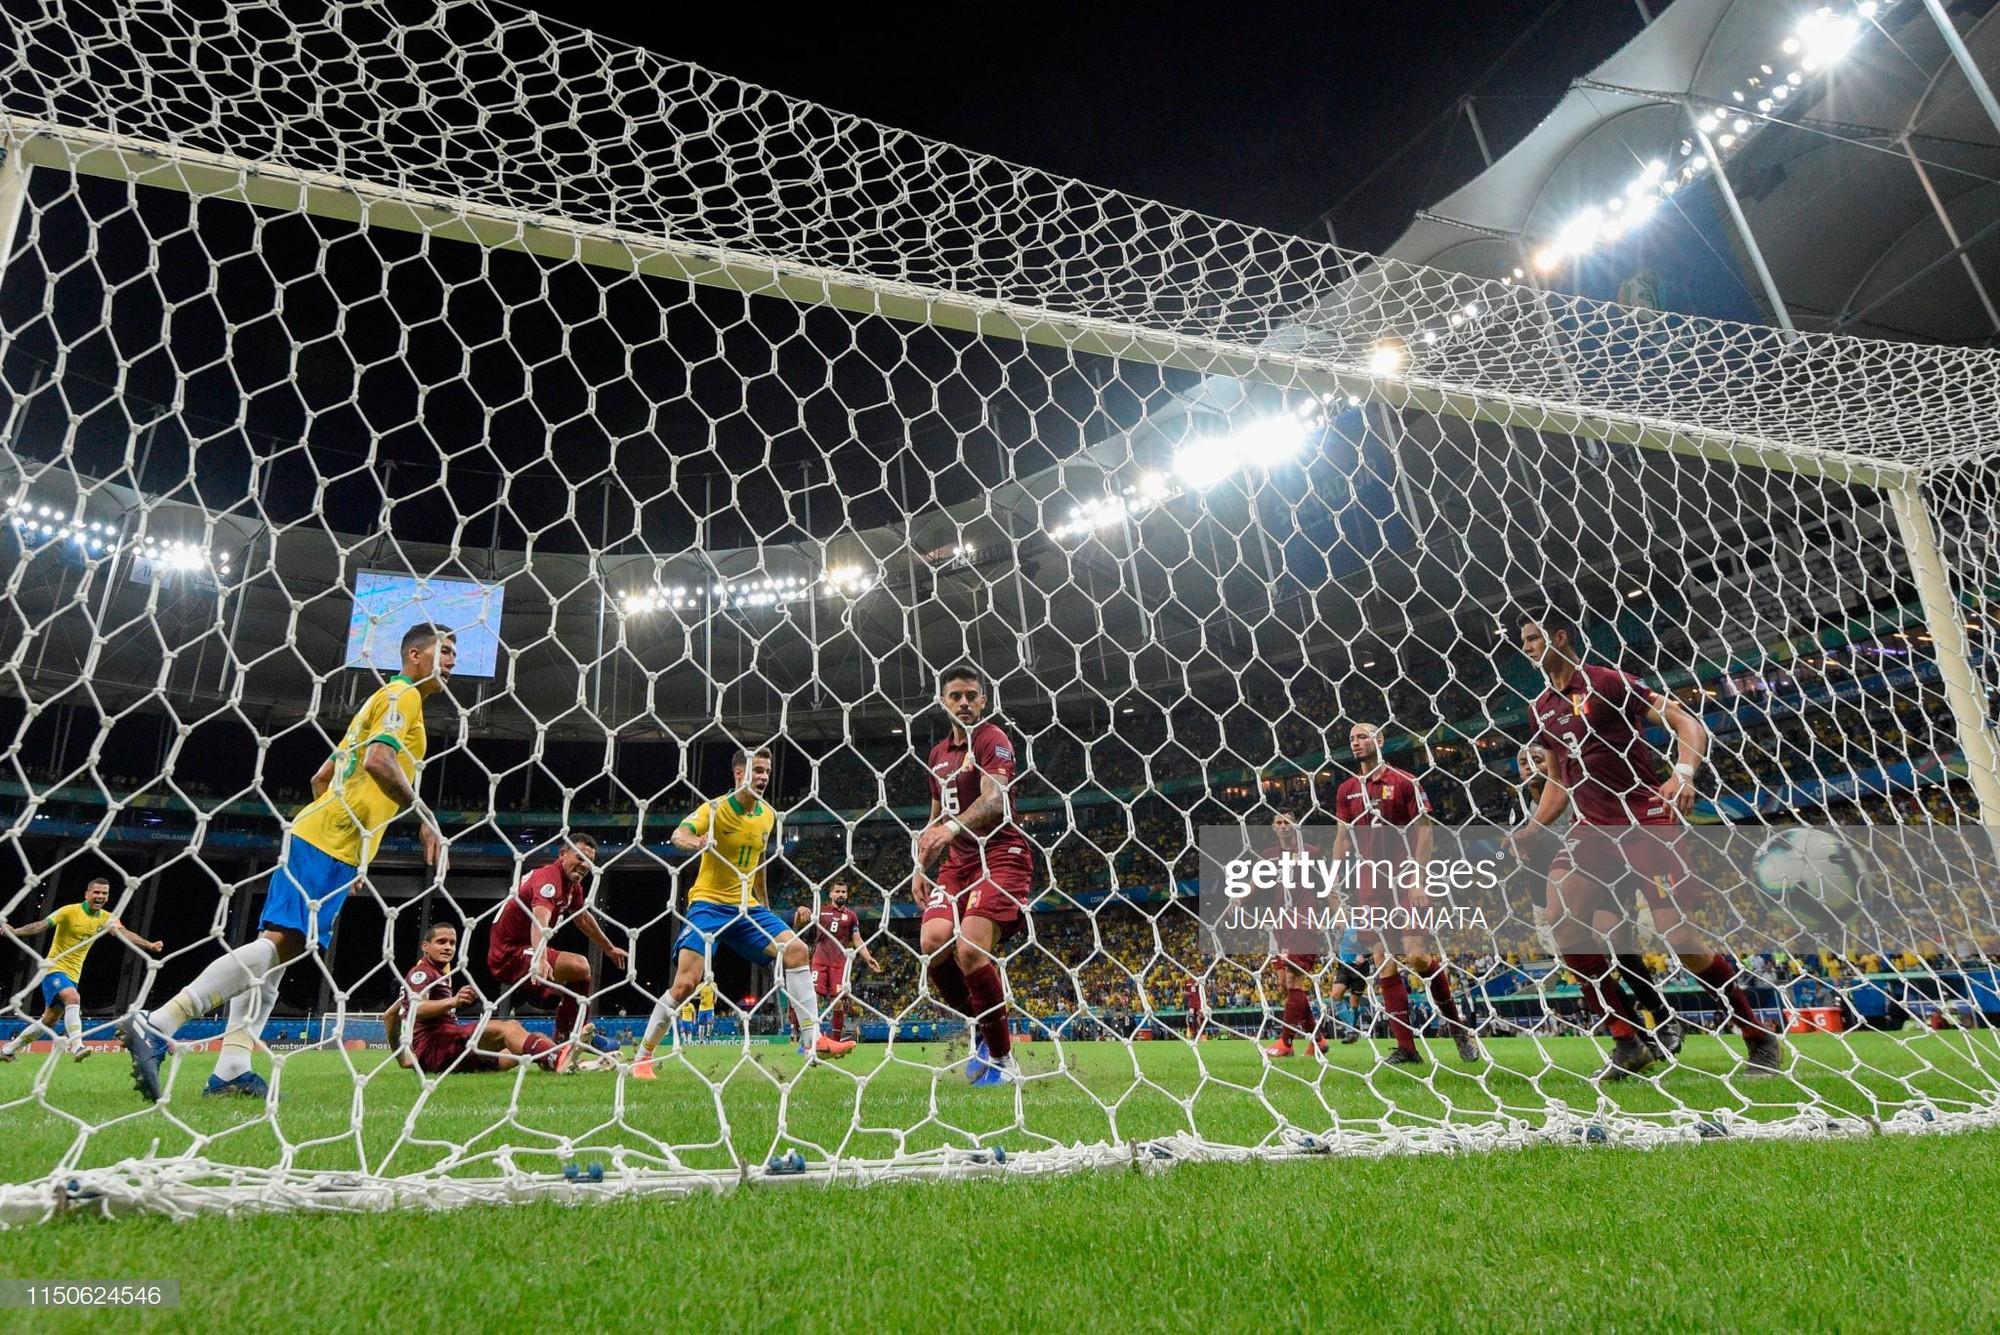 Có đội bóng nào đen đủi hơn tuyển Brazil hôm nay: 3 lần ăn mừng hụt để rồi rời sân trong nỗi thất vọng - Ảnh 8.